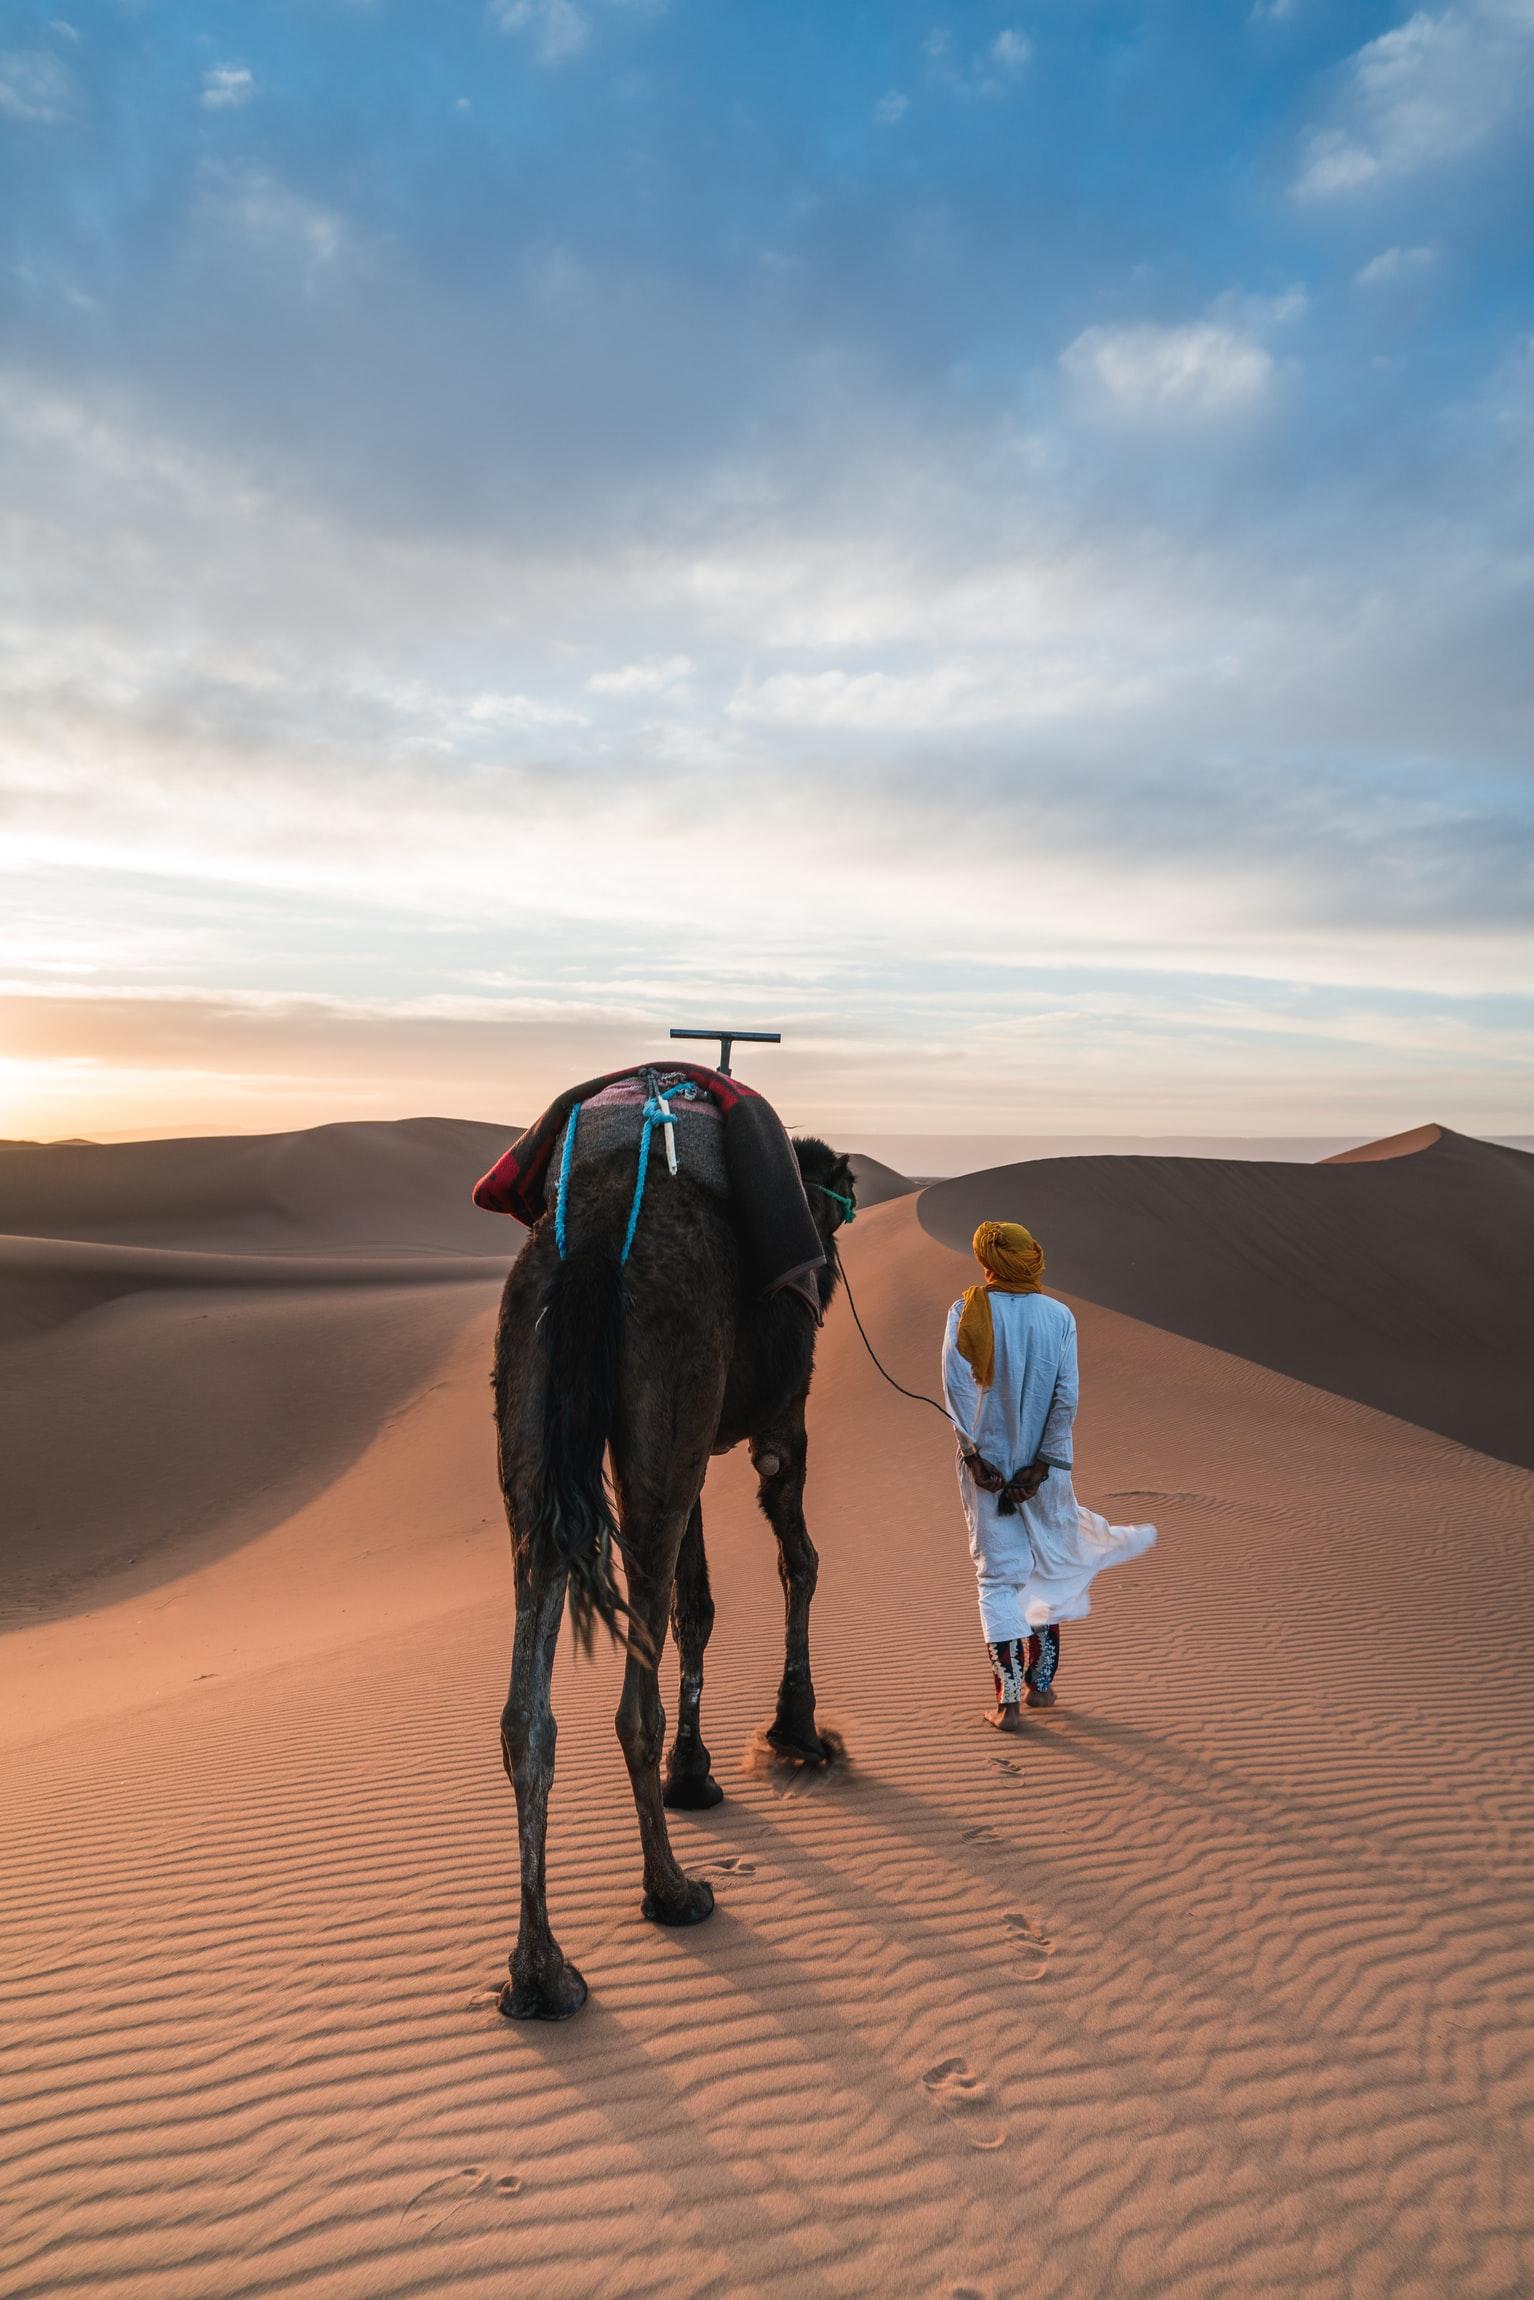 Nulla di meglio che esplorare il Sahara durante un viaggio in Marocco